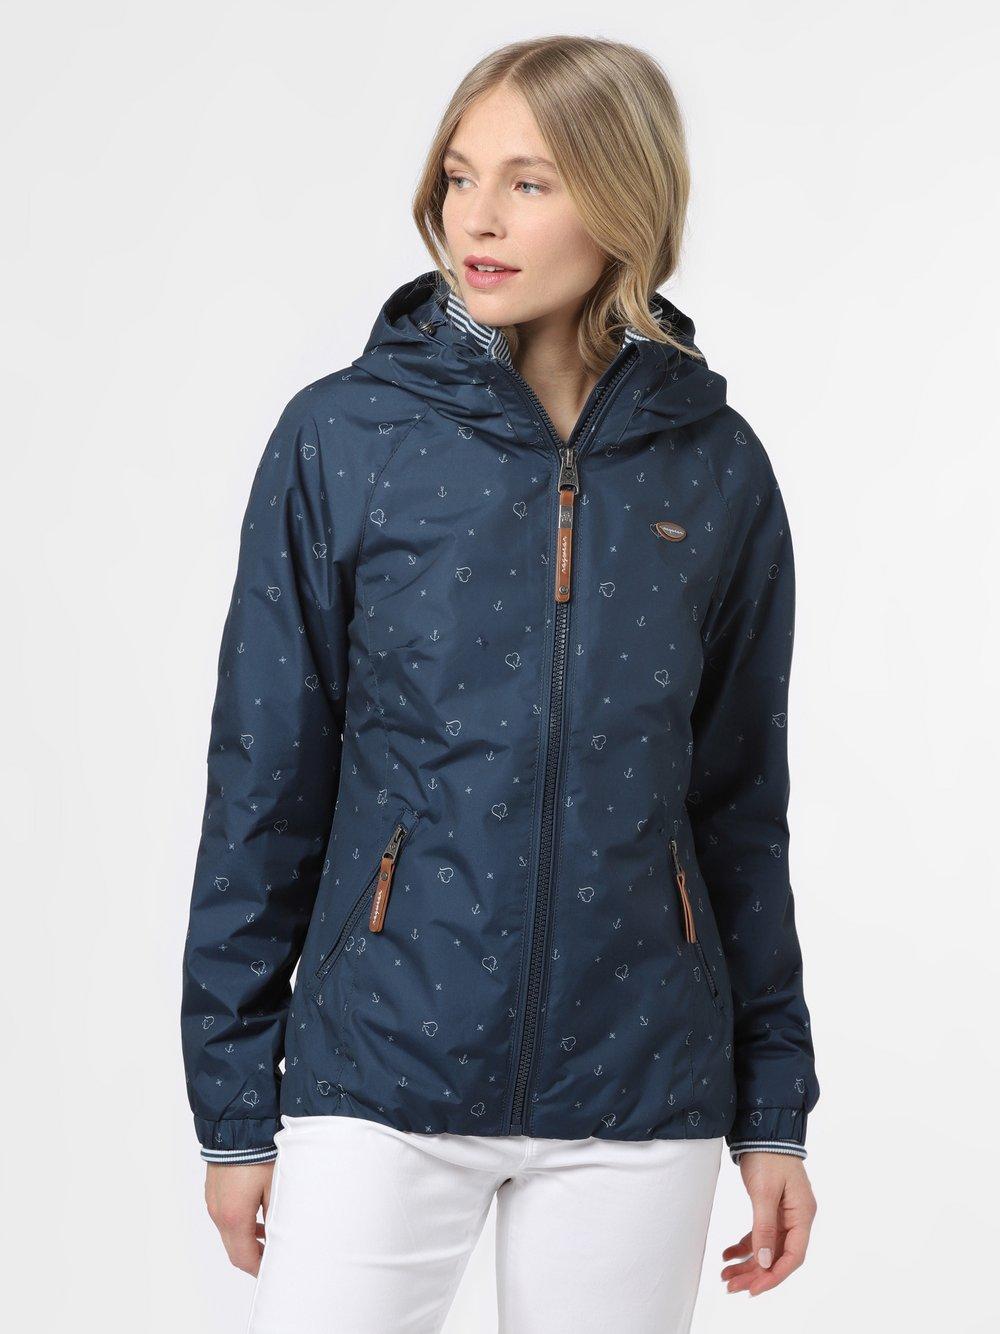 Ragwear – Kurtka damska – Dizzie Marina, niebieski Van Graaf 467422-0001-09900